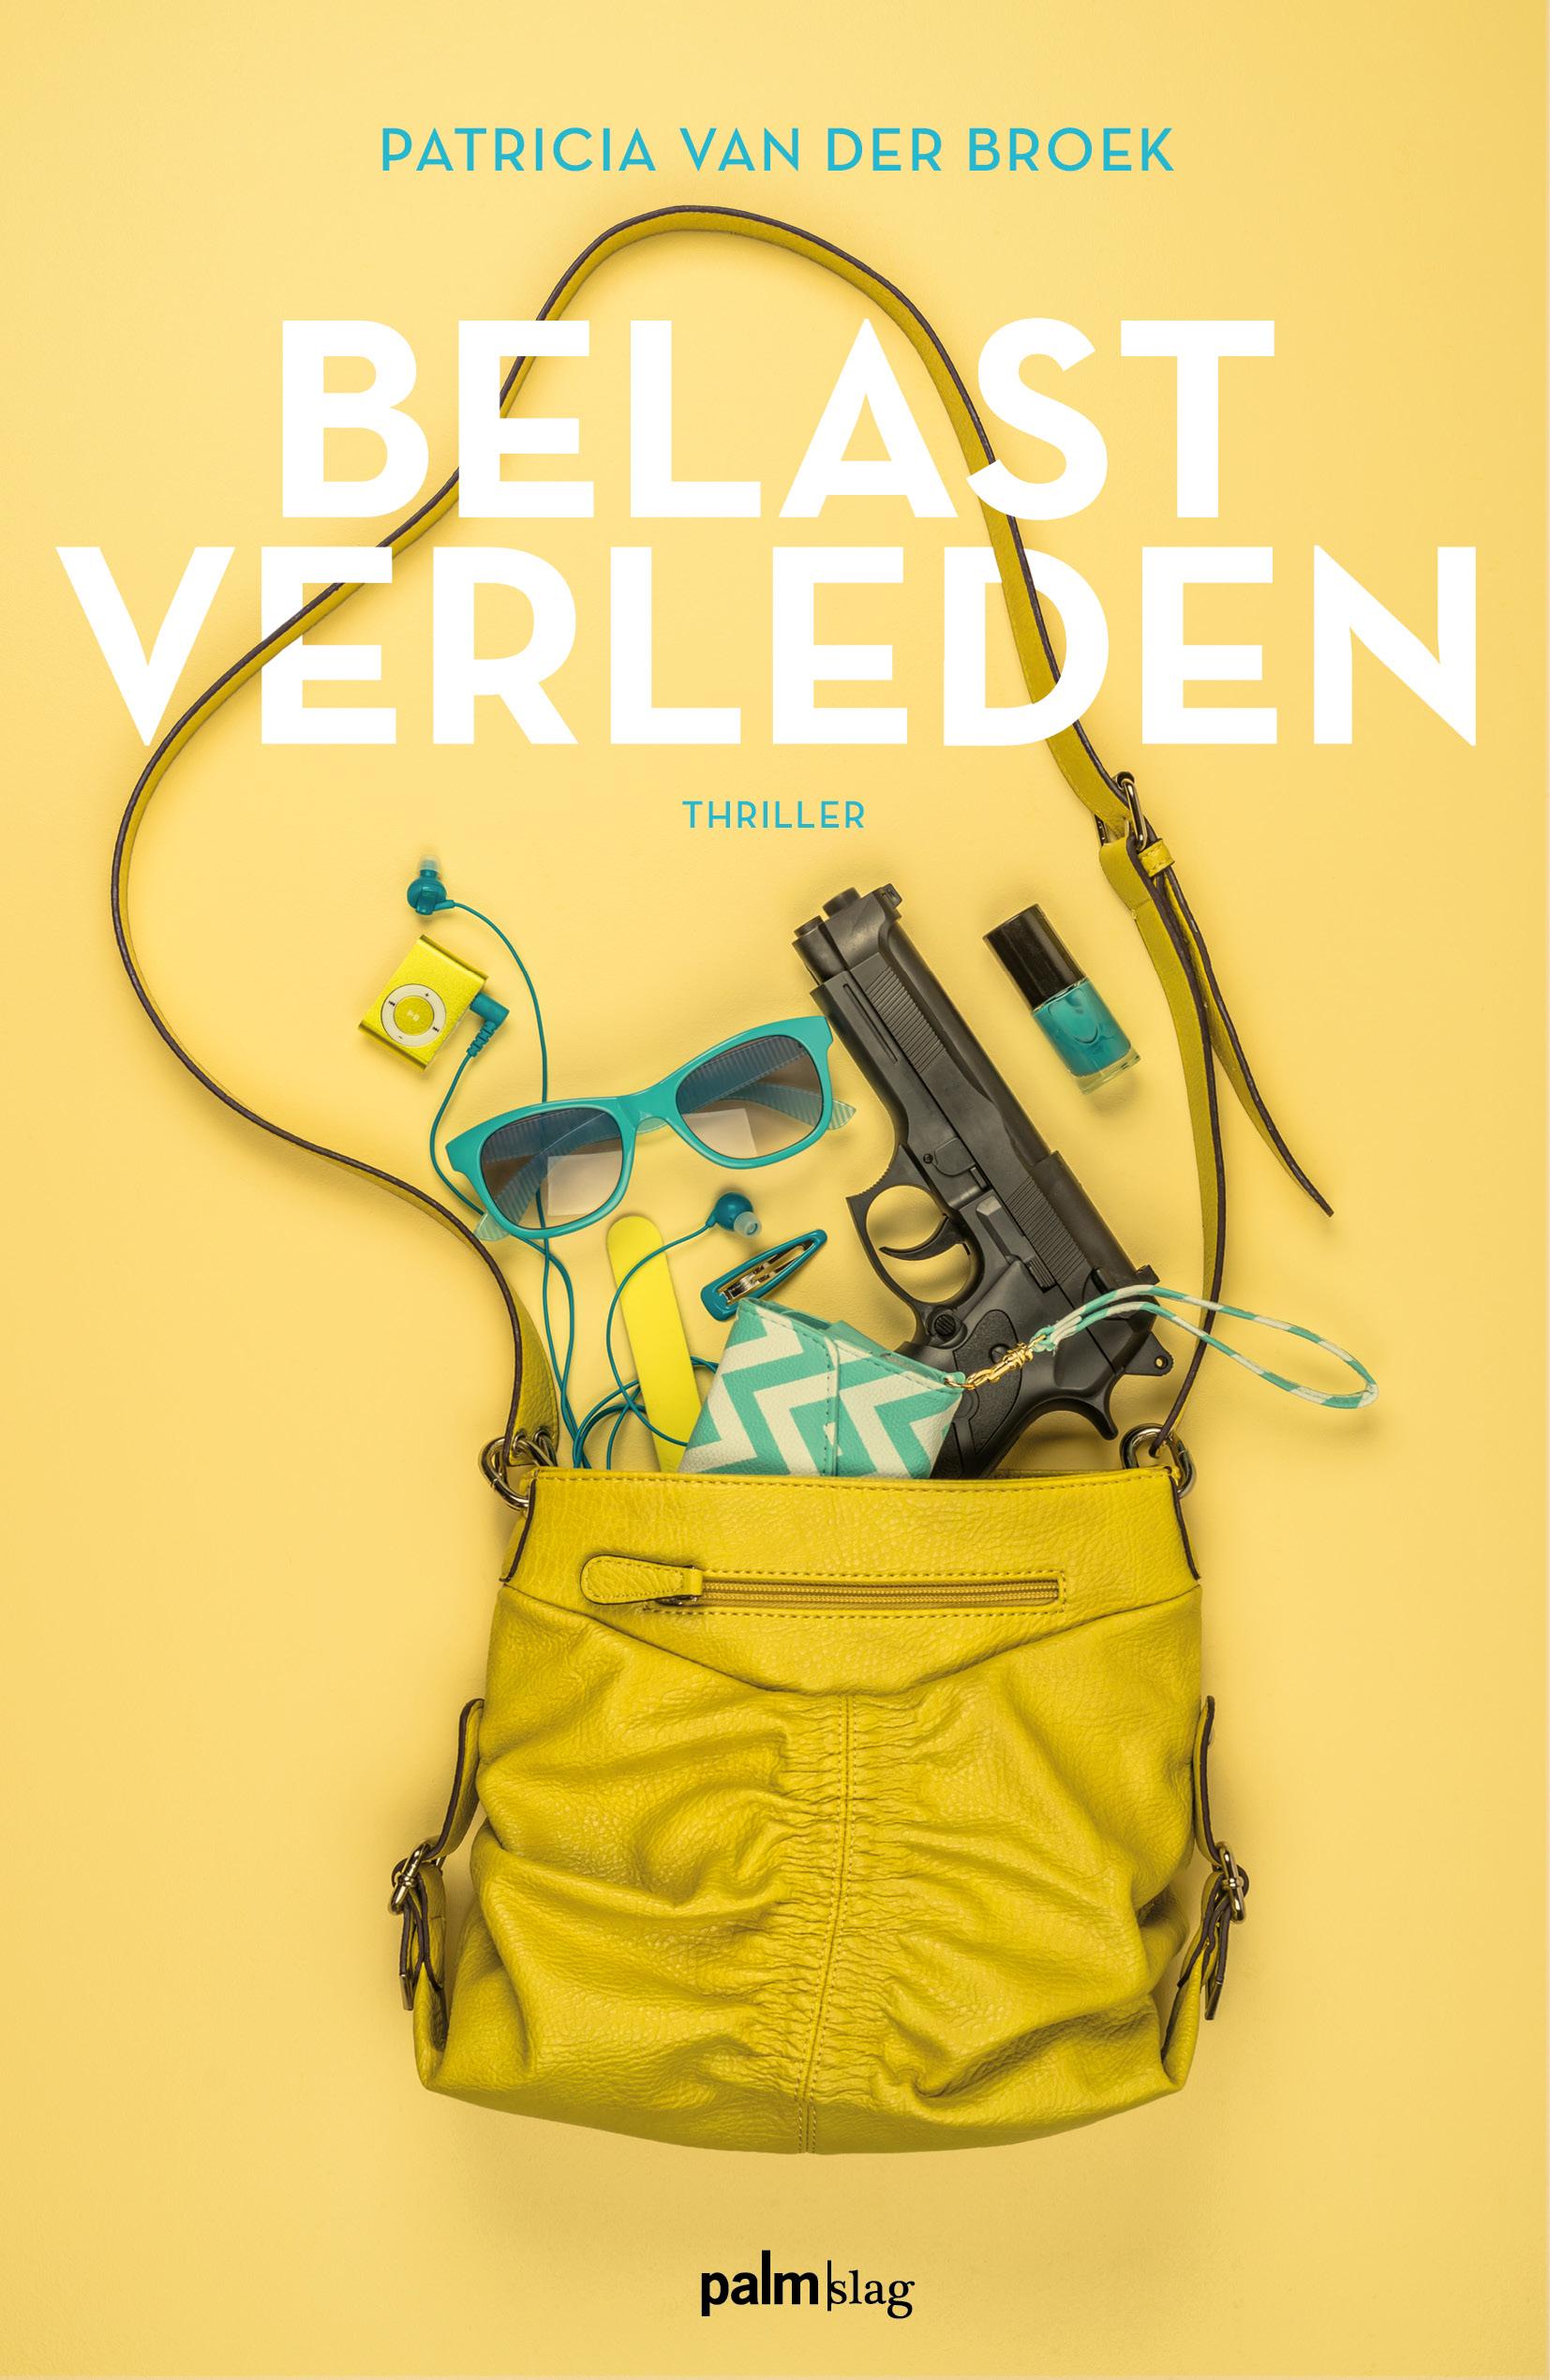 Belast Verleden verschijnt tijdens de Spannende Boeken Weken Patricia van der Broek komt met tweede thriller